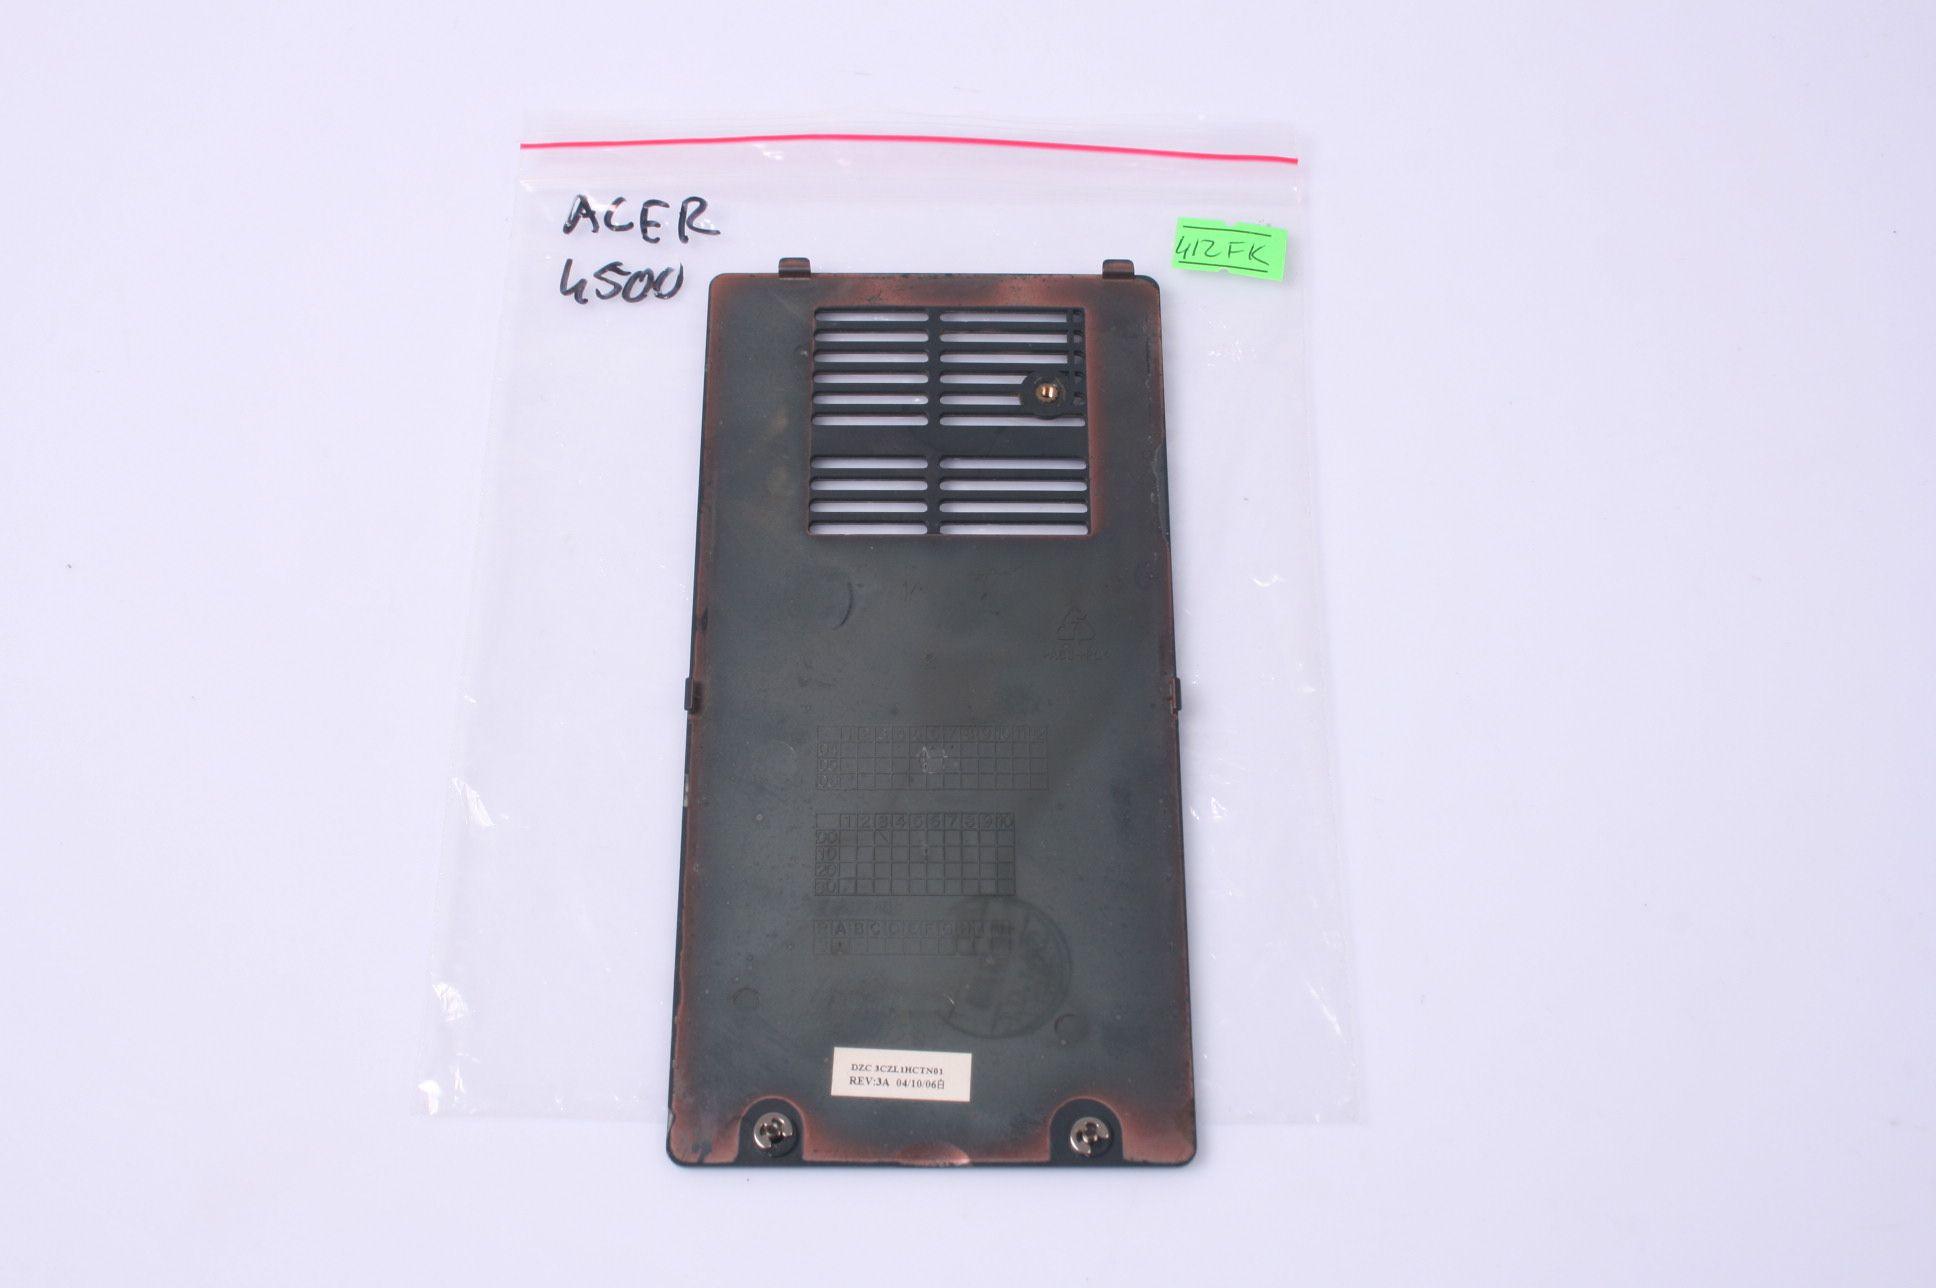 Acer TravelMate 2300 4010 4500 4600 CPU Fan Door Cover 3CZL1HCTN01